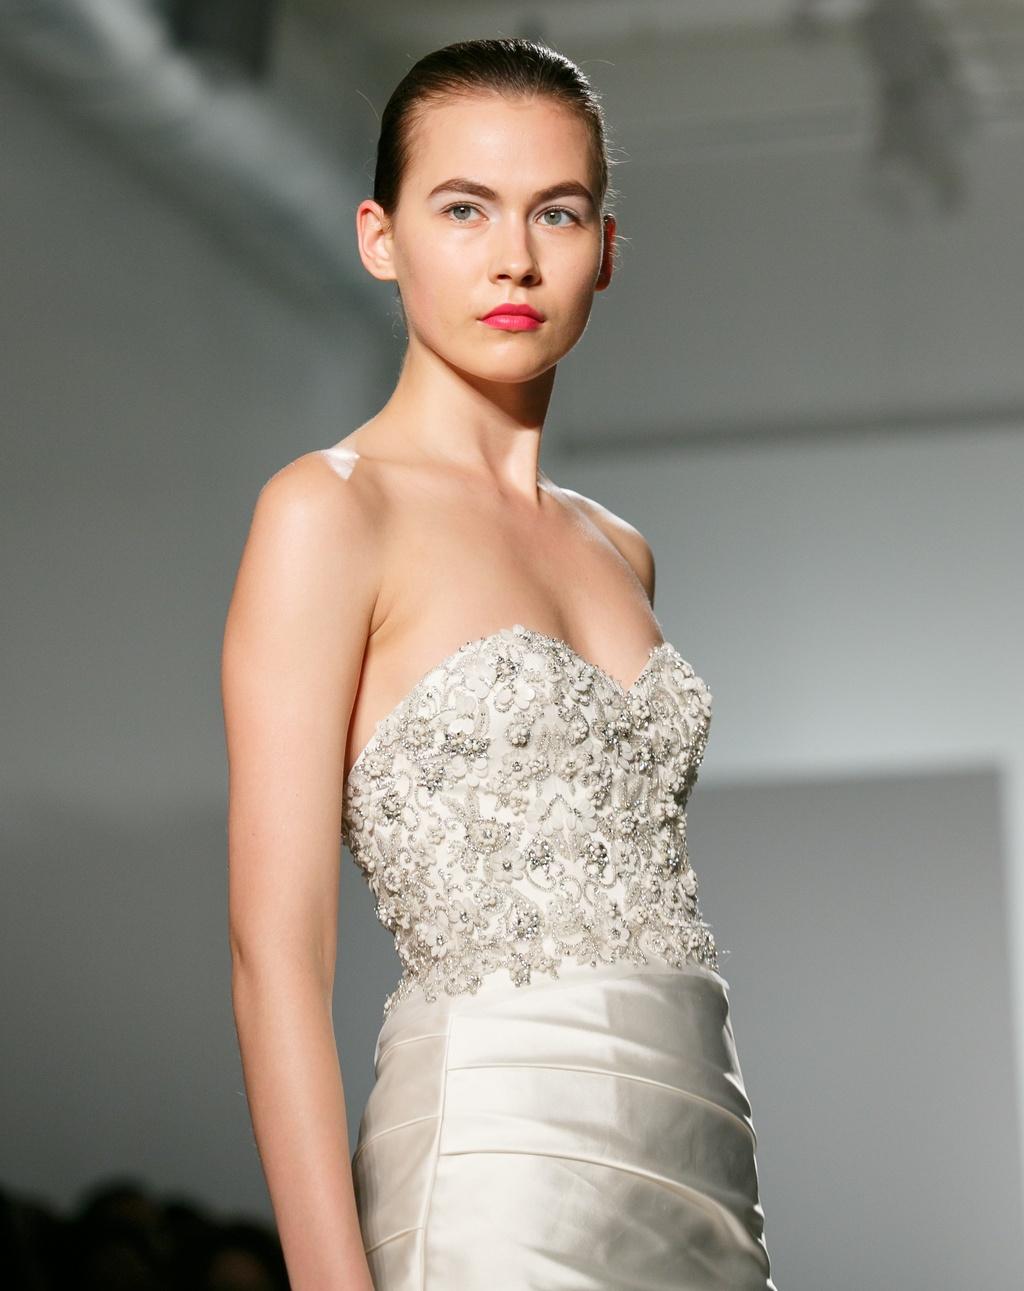 Kenneth-pool-wedding-dress-spring-2014-bridal-emilia-a.full